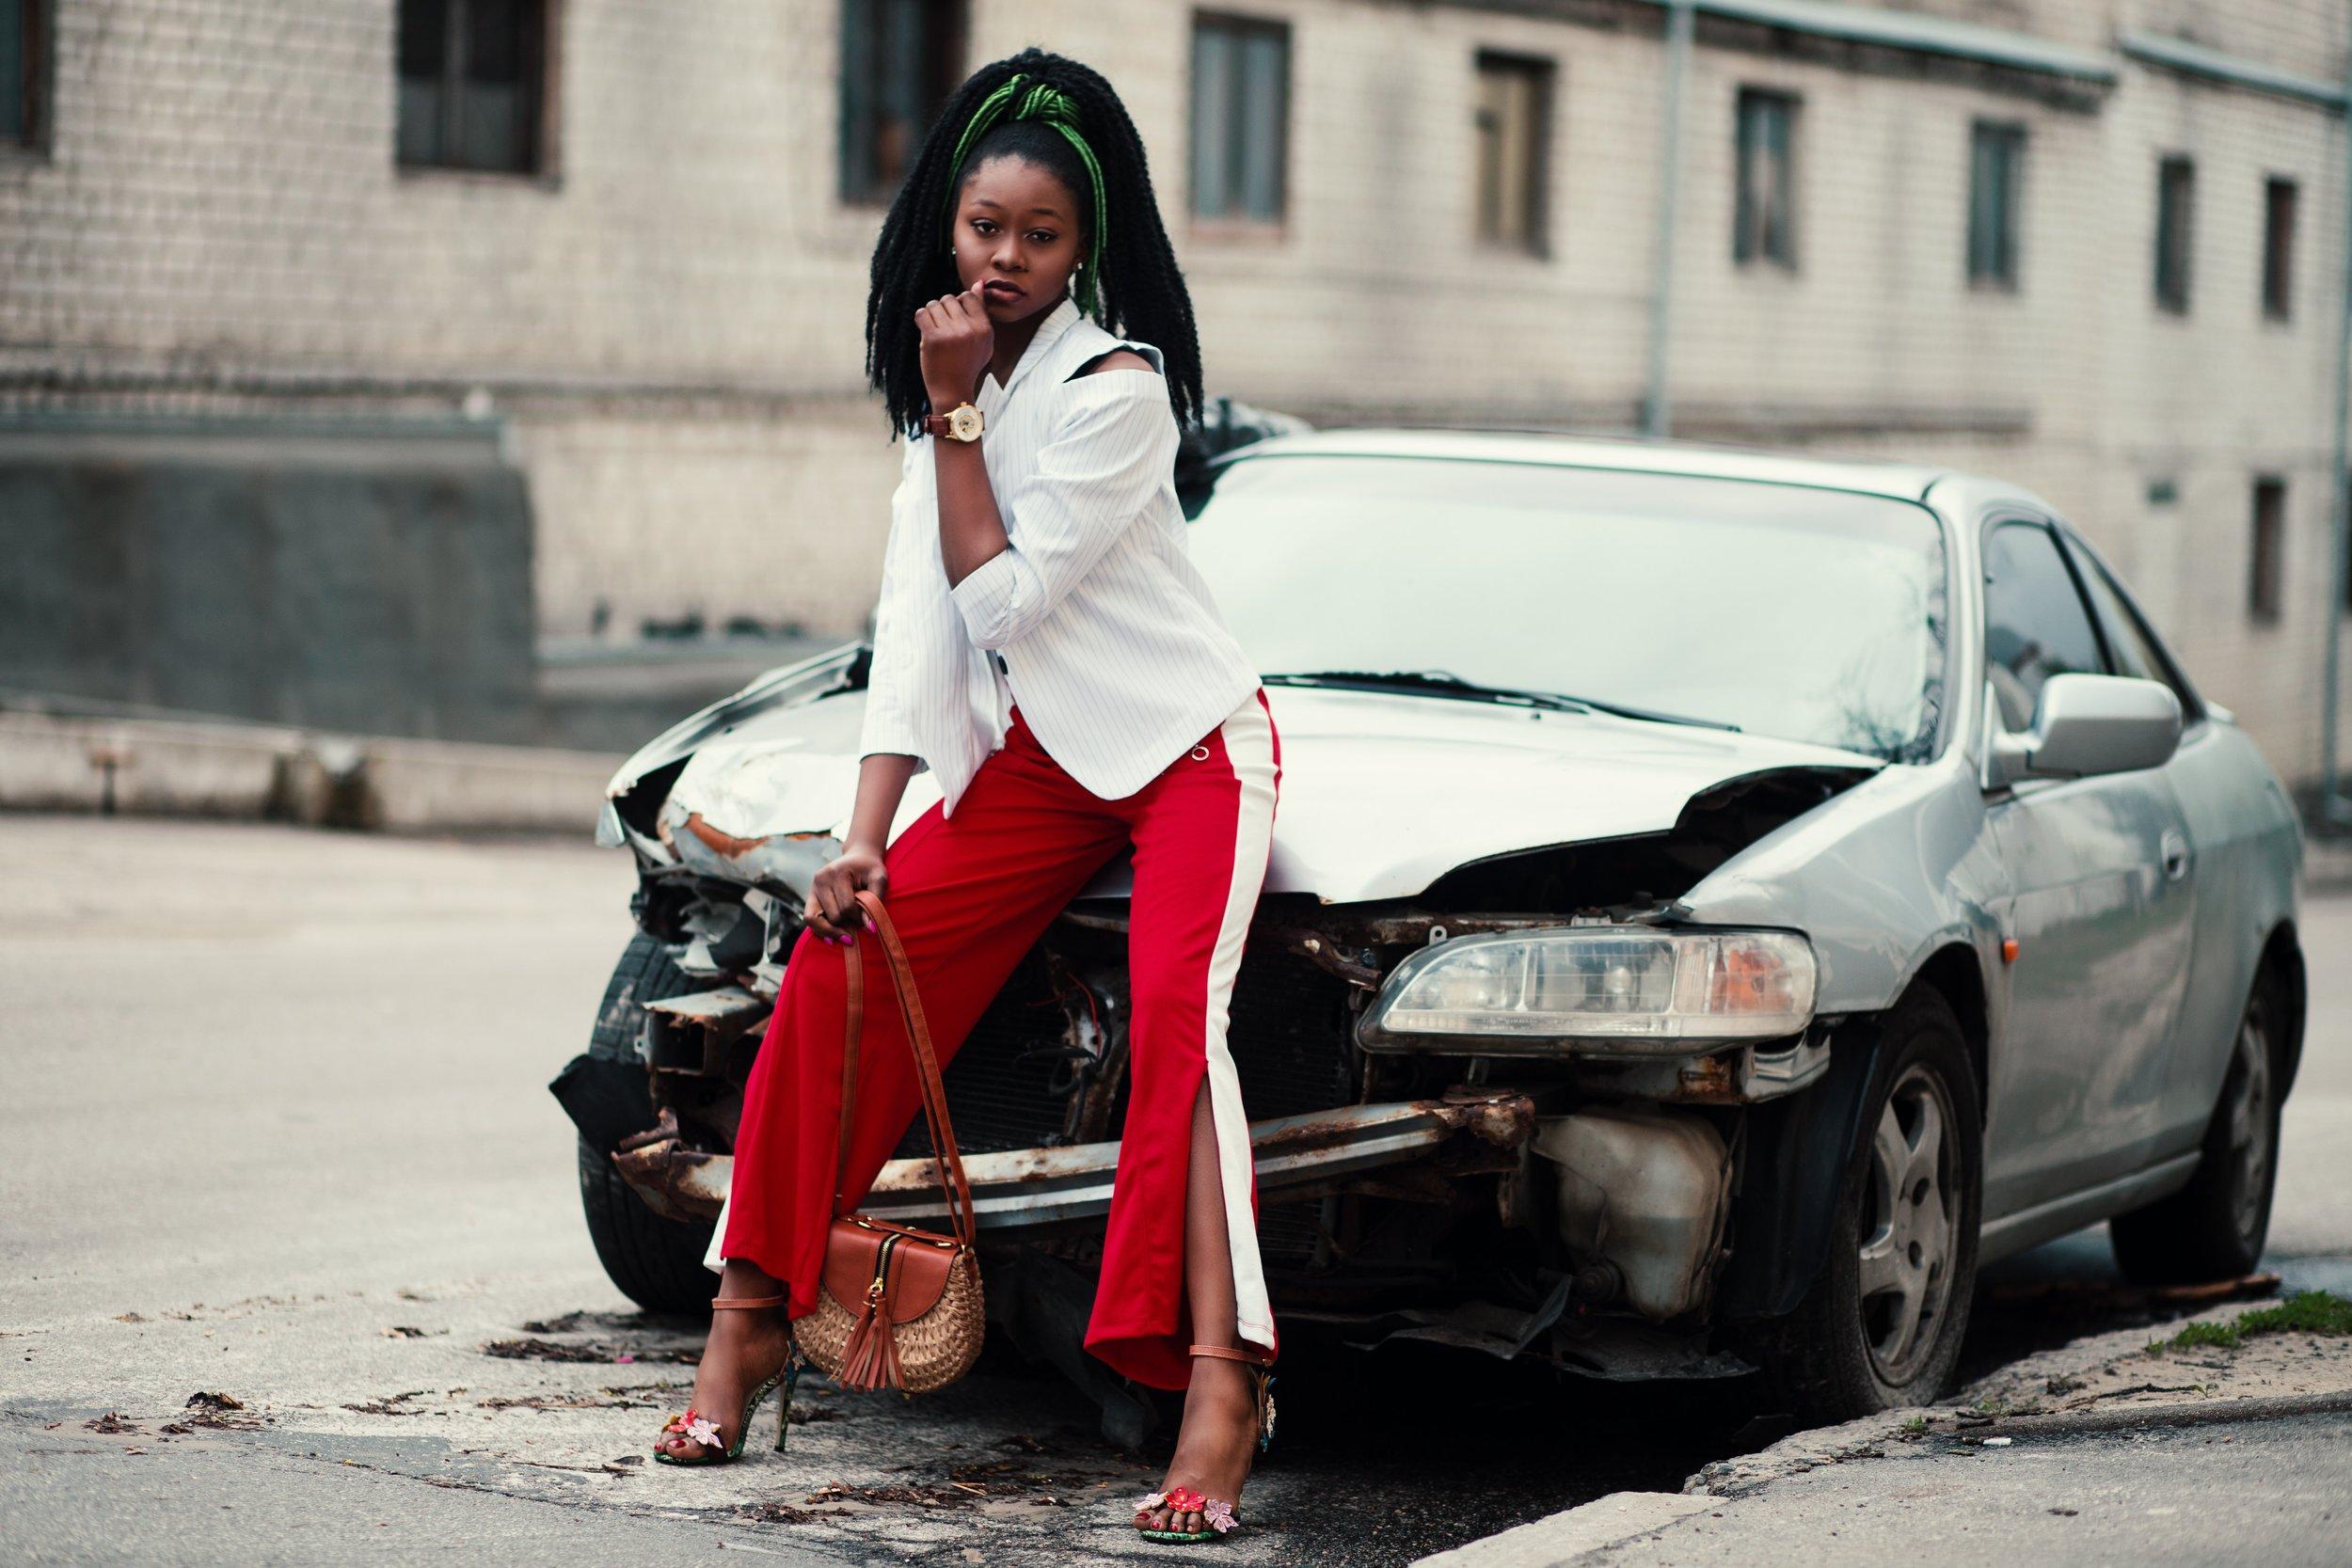 Vrouwen schade in verkeer